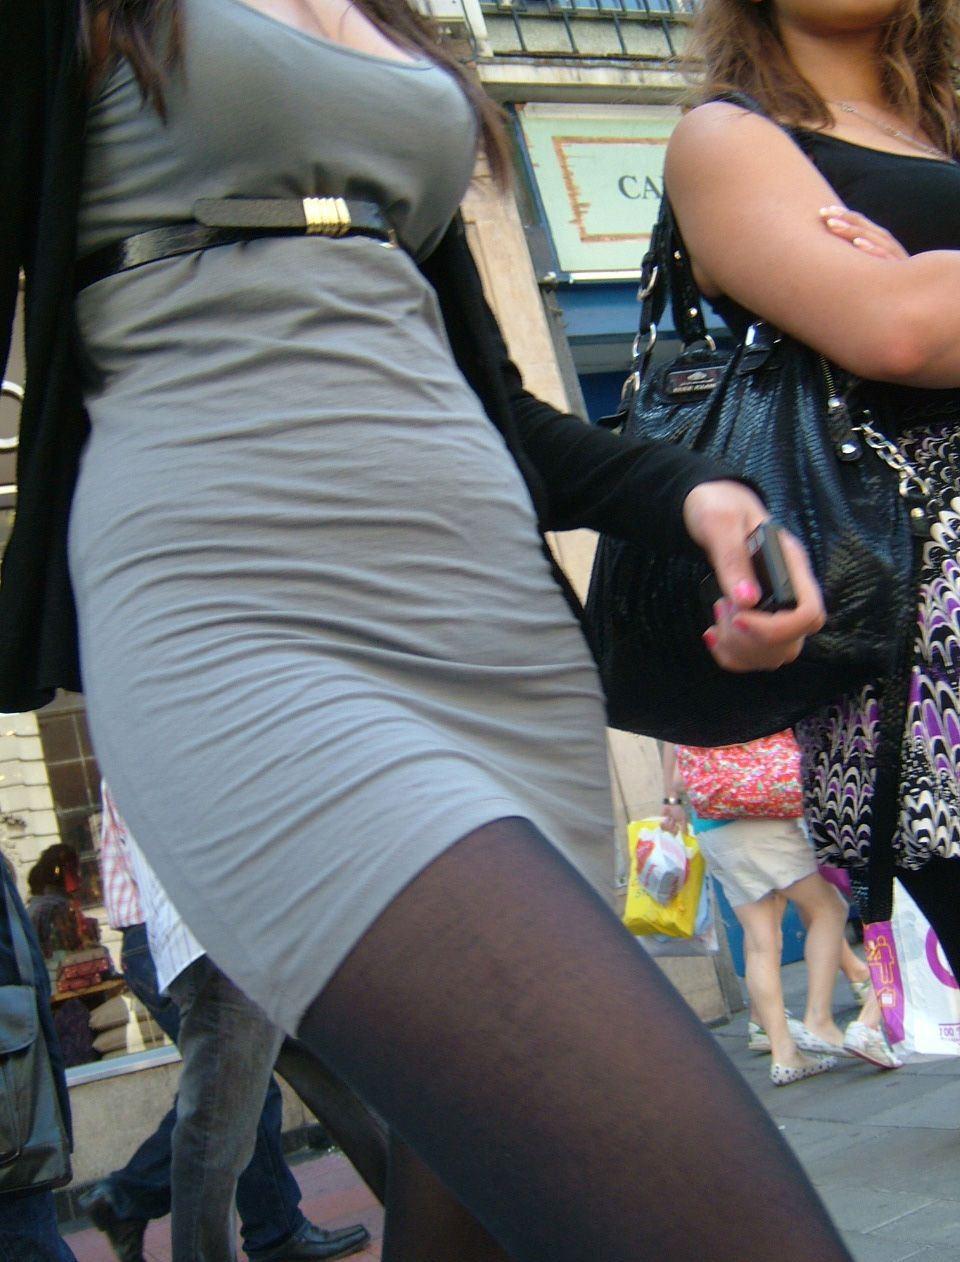 【巨乳エロ画像】冬場のニット女子は強烈!寒暖関係なしの街撮り着衣おっぱいwww 29